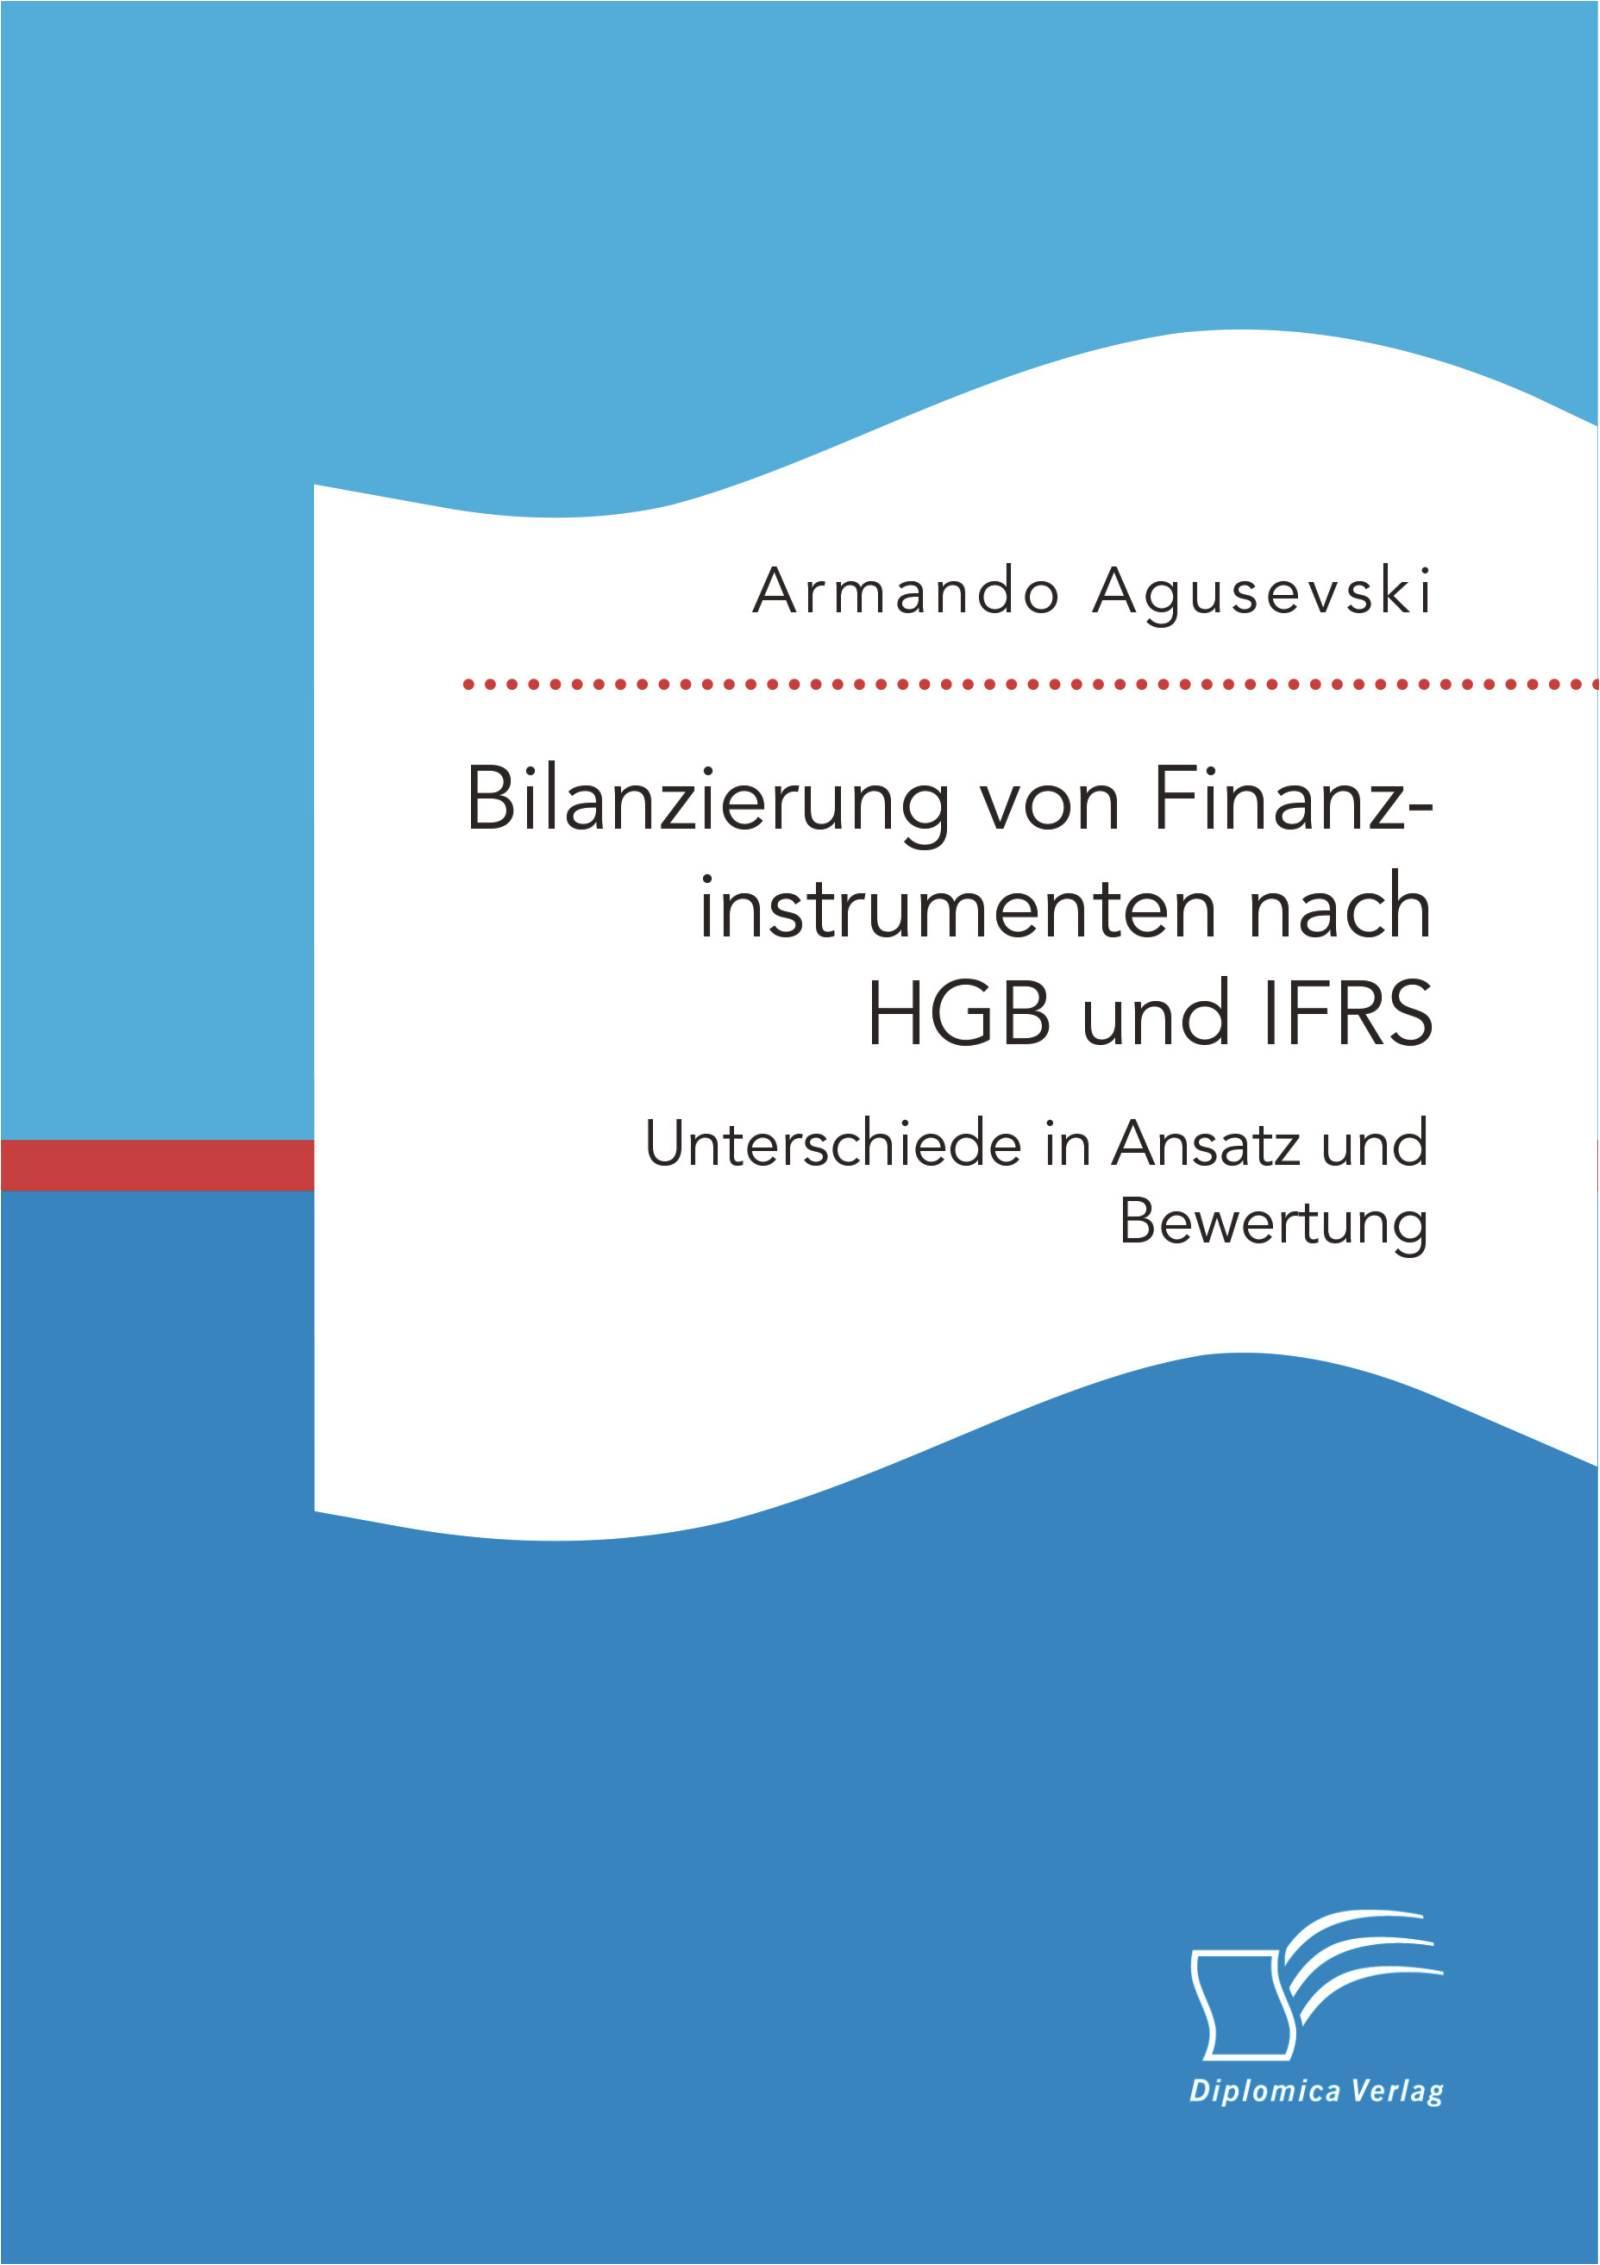 IFRS fokussiert — IFRS 9: Neue Vorschriften zur Bilanzierung von Finanzinstrumenten Published on: 24 Jul This German-language newsletter offers an overview of the recently issued finalised version of IFRS 9 Financial Instruments.